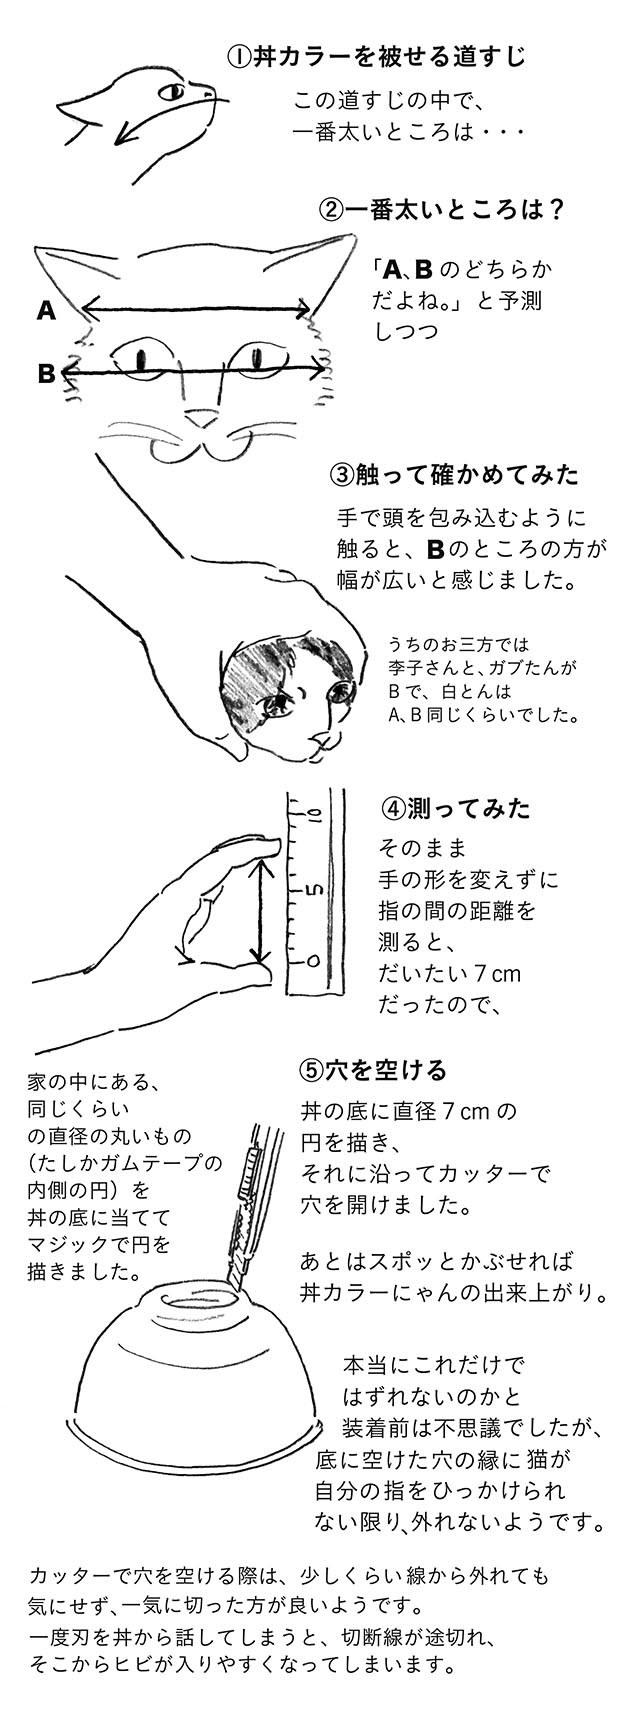 5-0906丼から説明